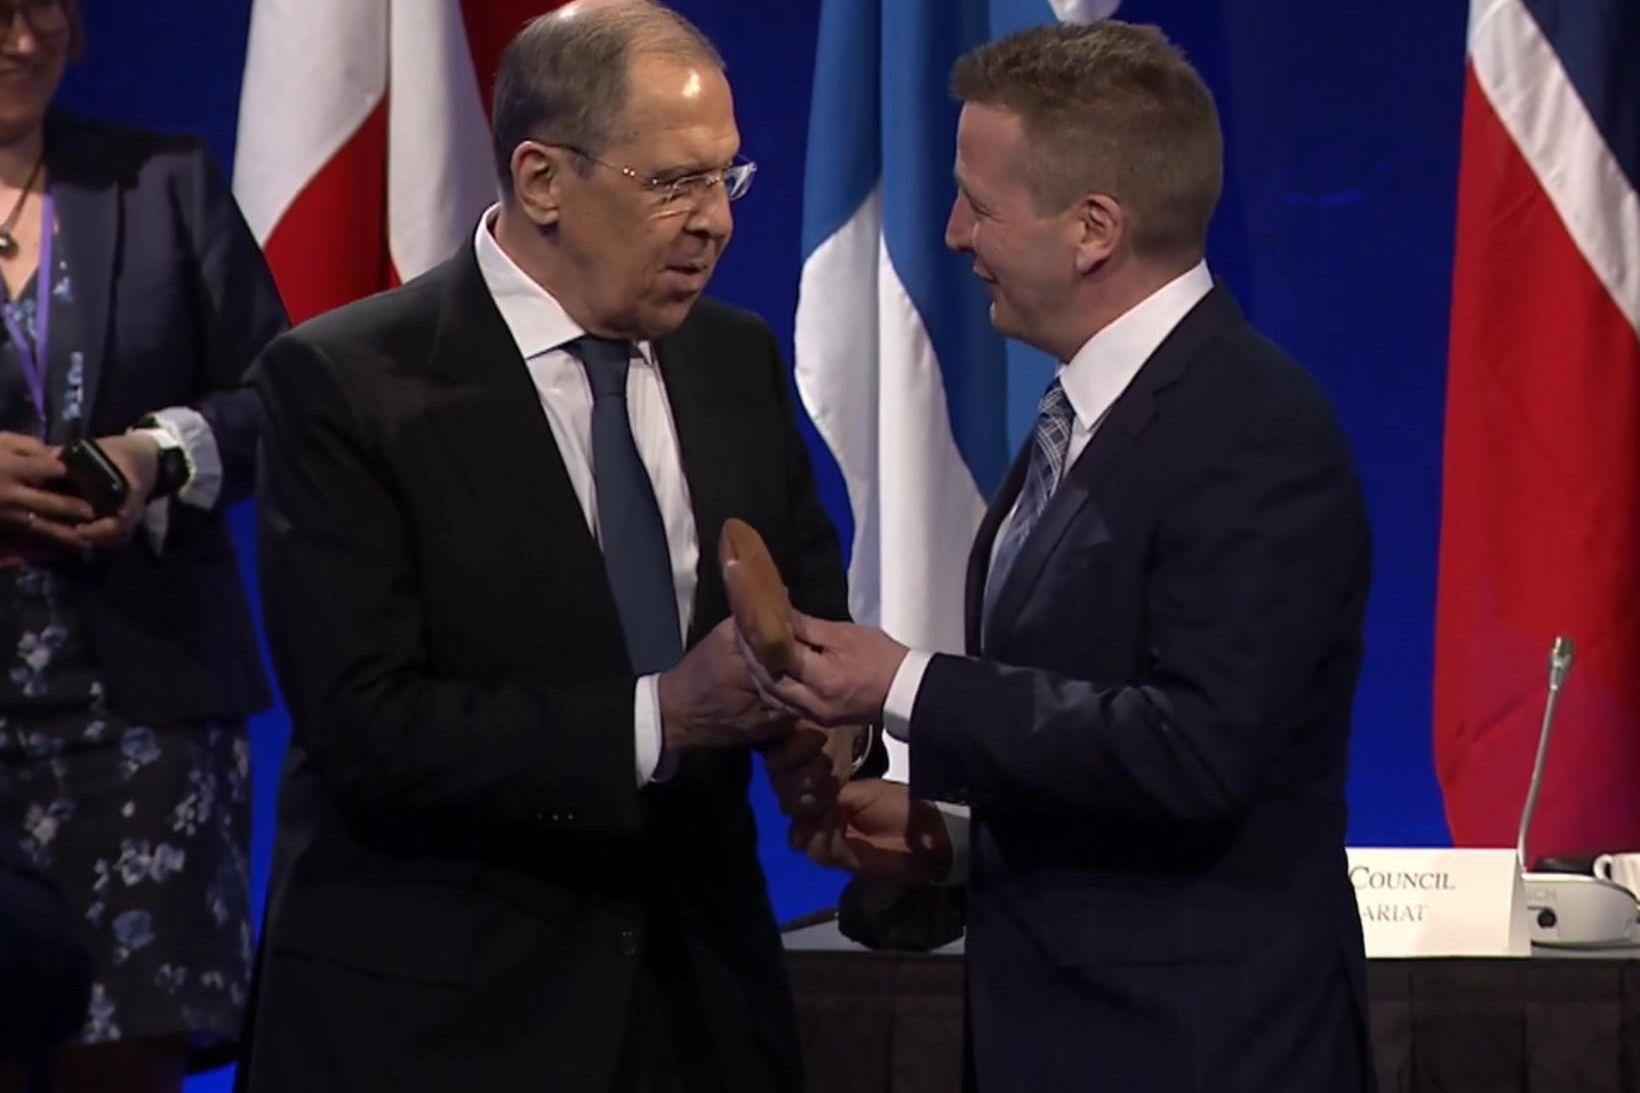 Guðlaugur Þór afhendir Sergei Lavrov utanríkisráðherra Rússlands táknrænan hamar.